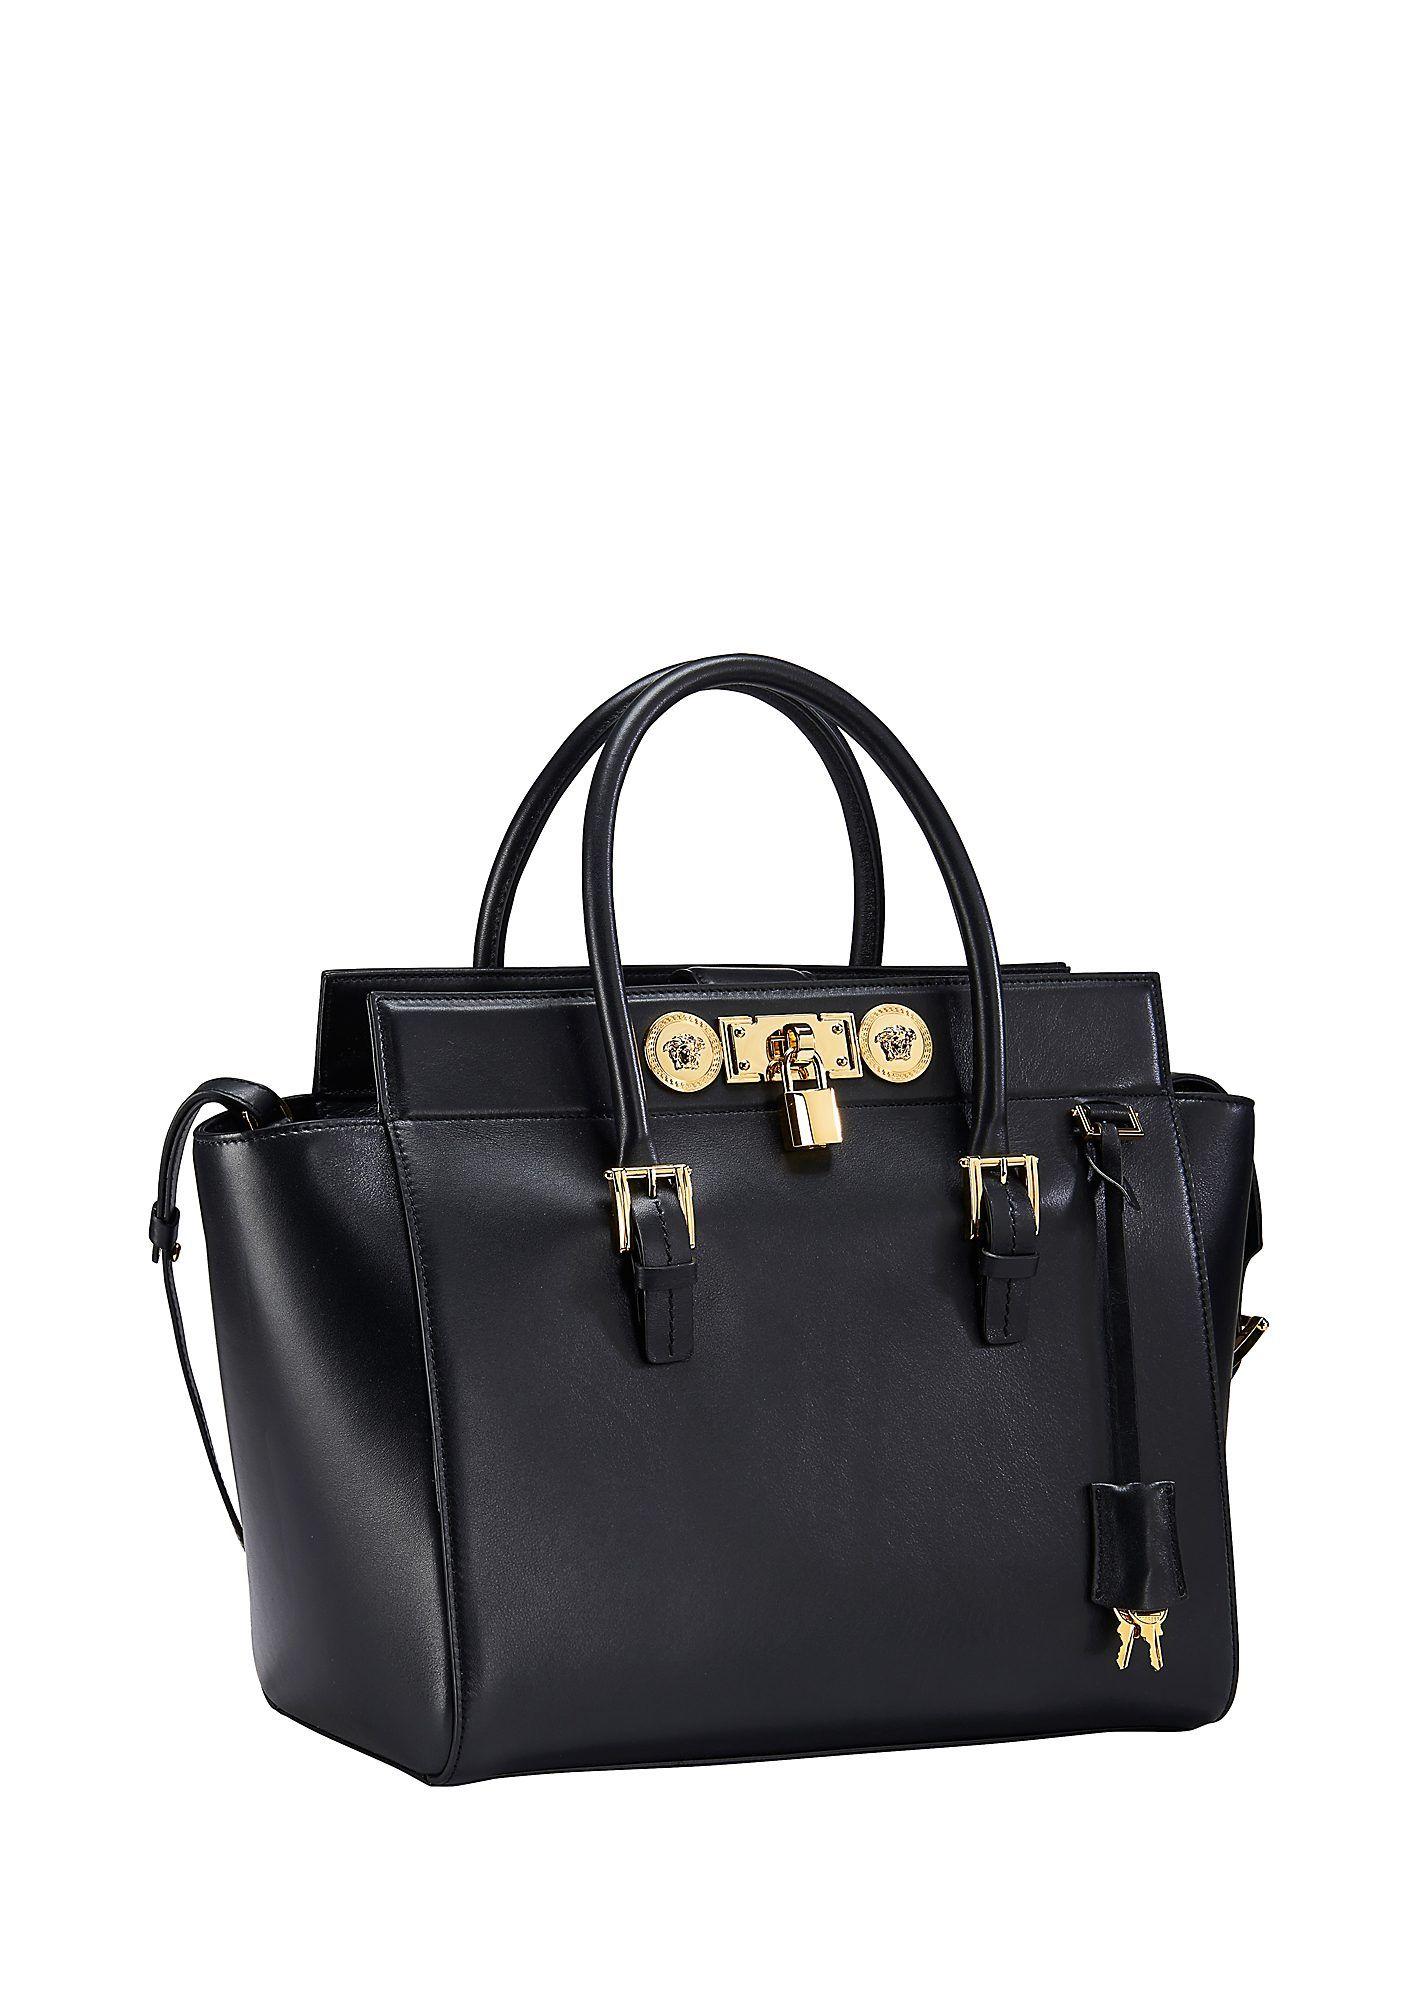 b365b2500786 Large Signature Lock Handbag. Large Signature Lock Handbag Versace ...